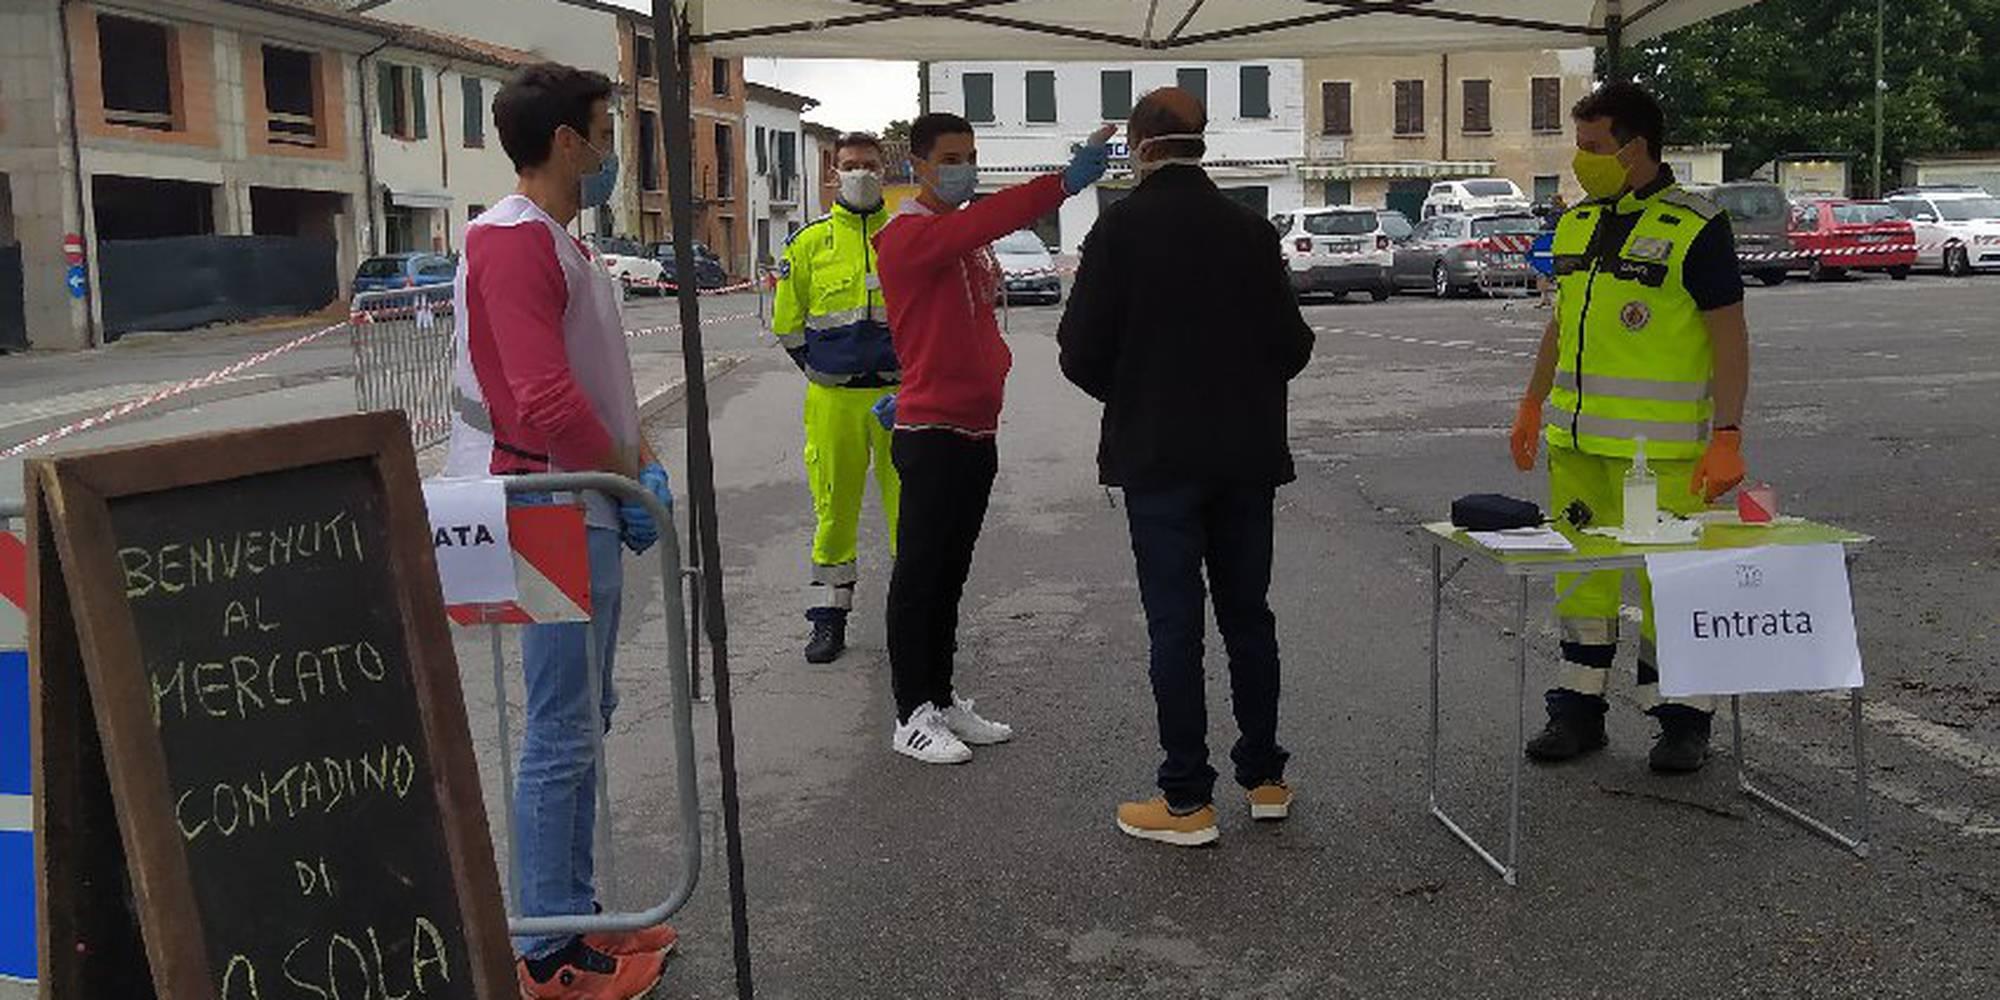 prova_della_temperatura_al_varco_del_mercato_di_asola_.jpg